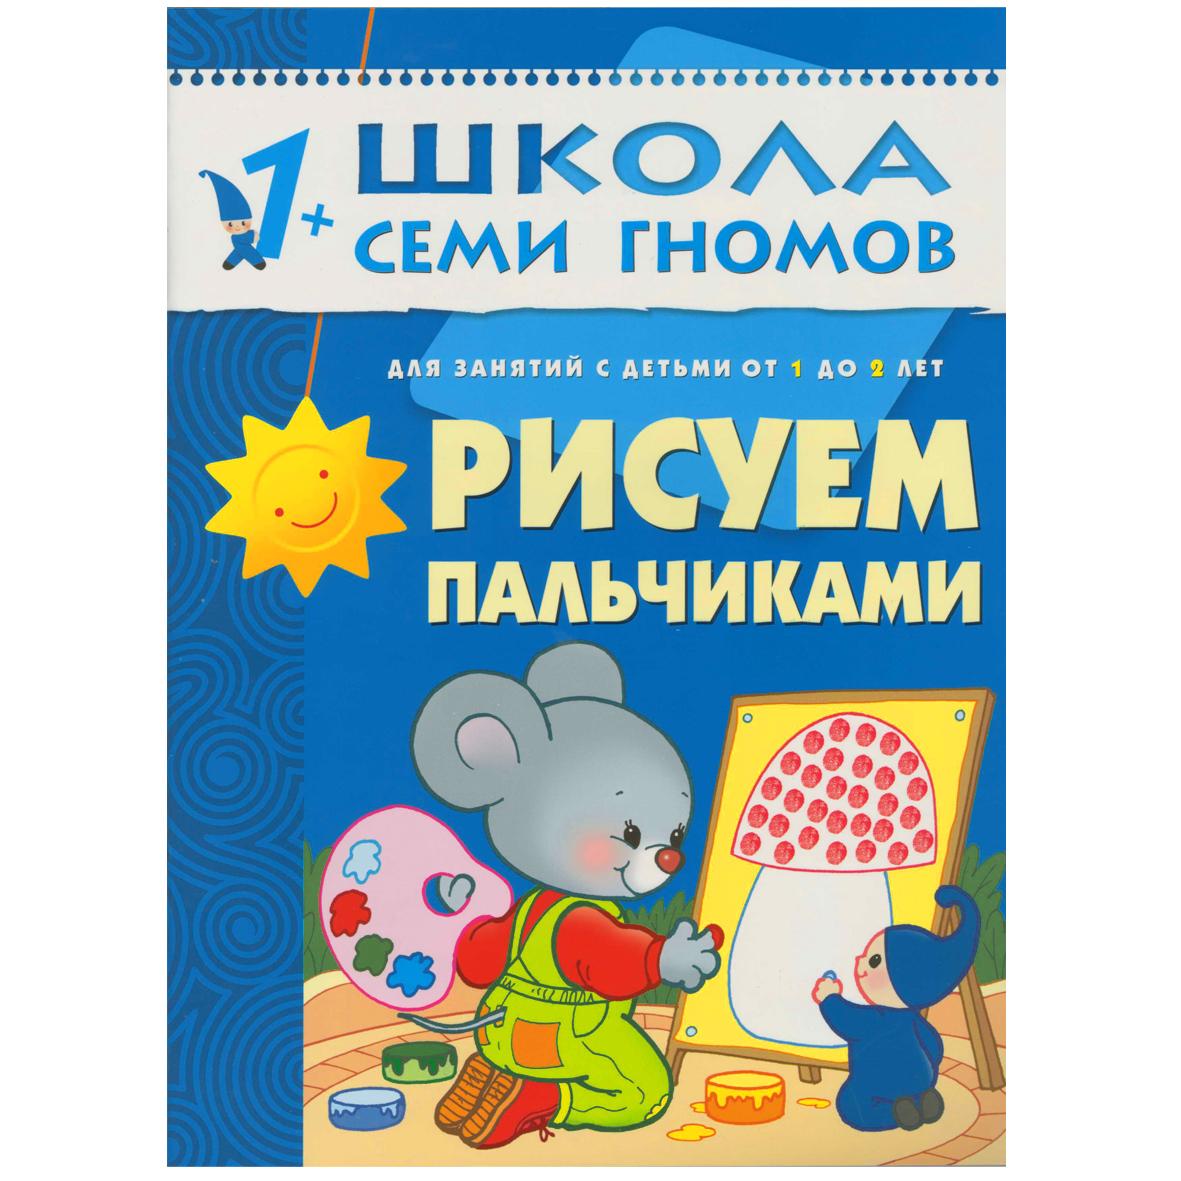 Рисуем пальчиками: Для занятий с детьми от 1 до 2 лет